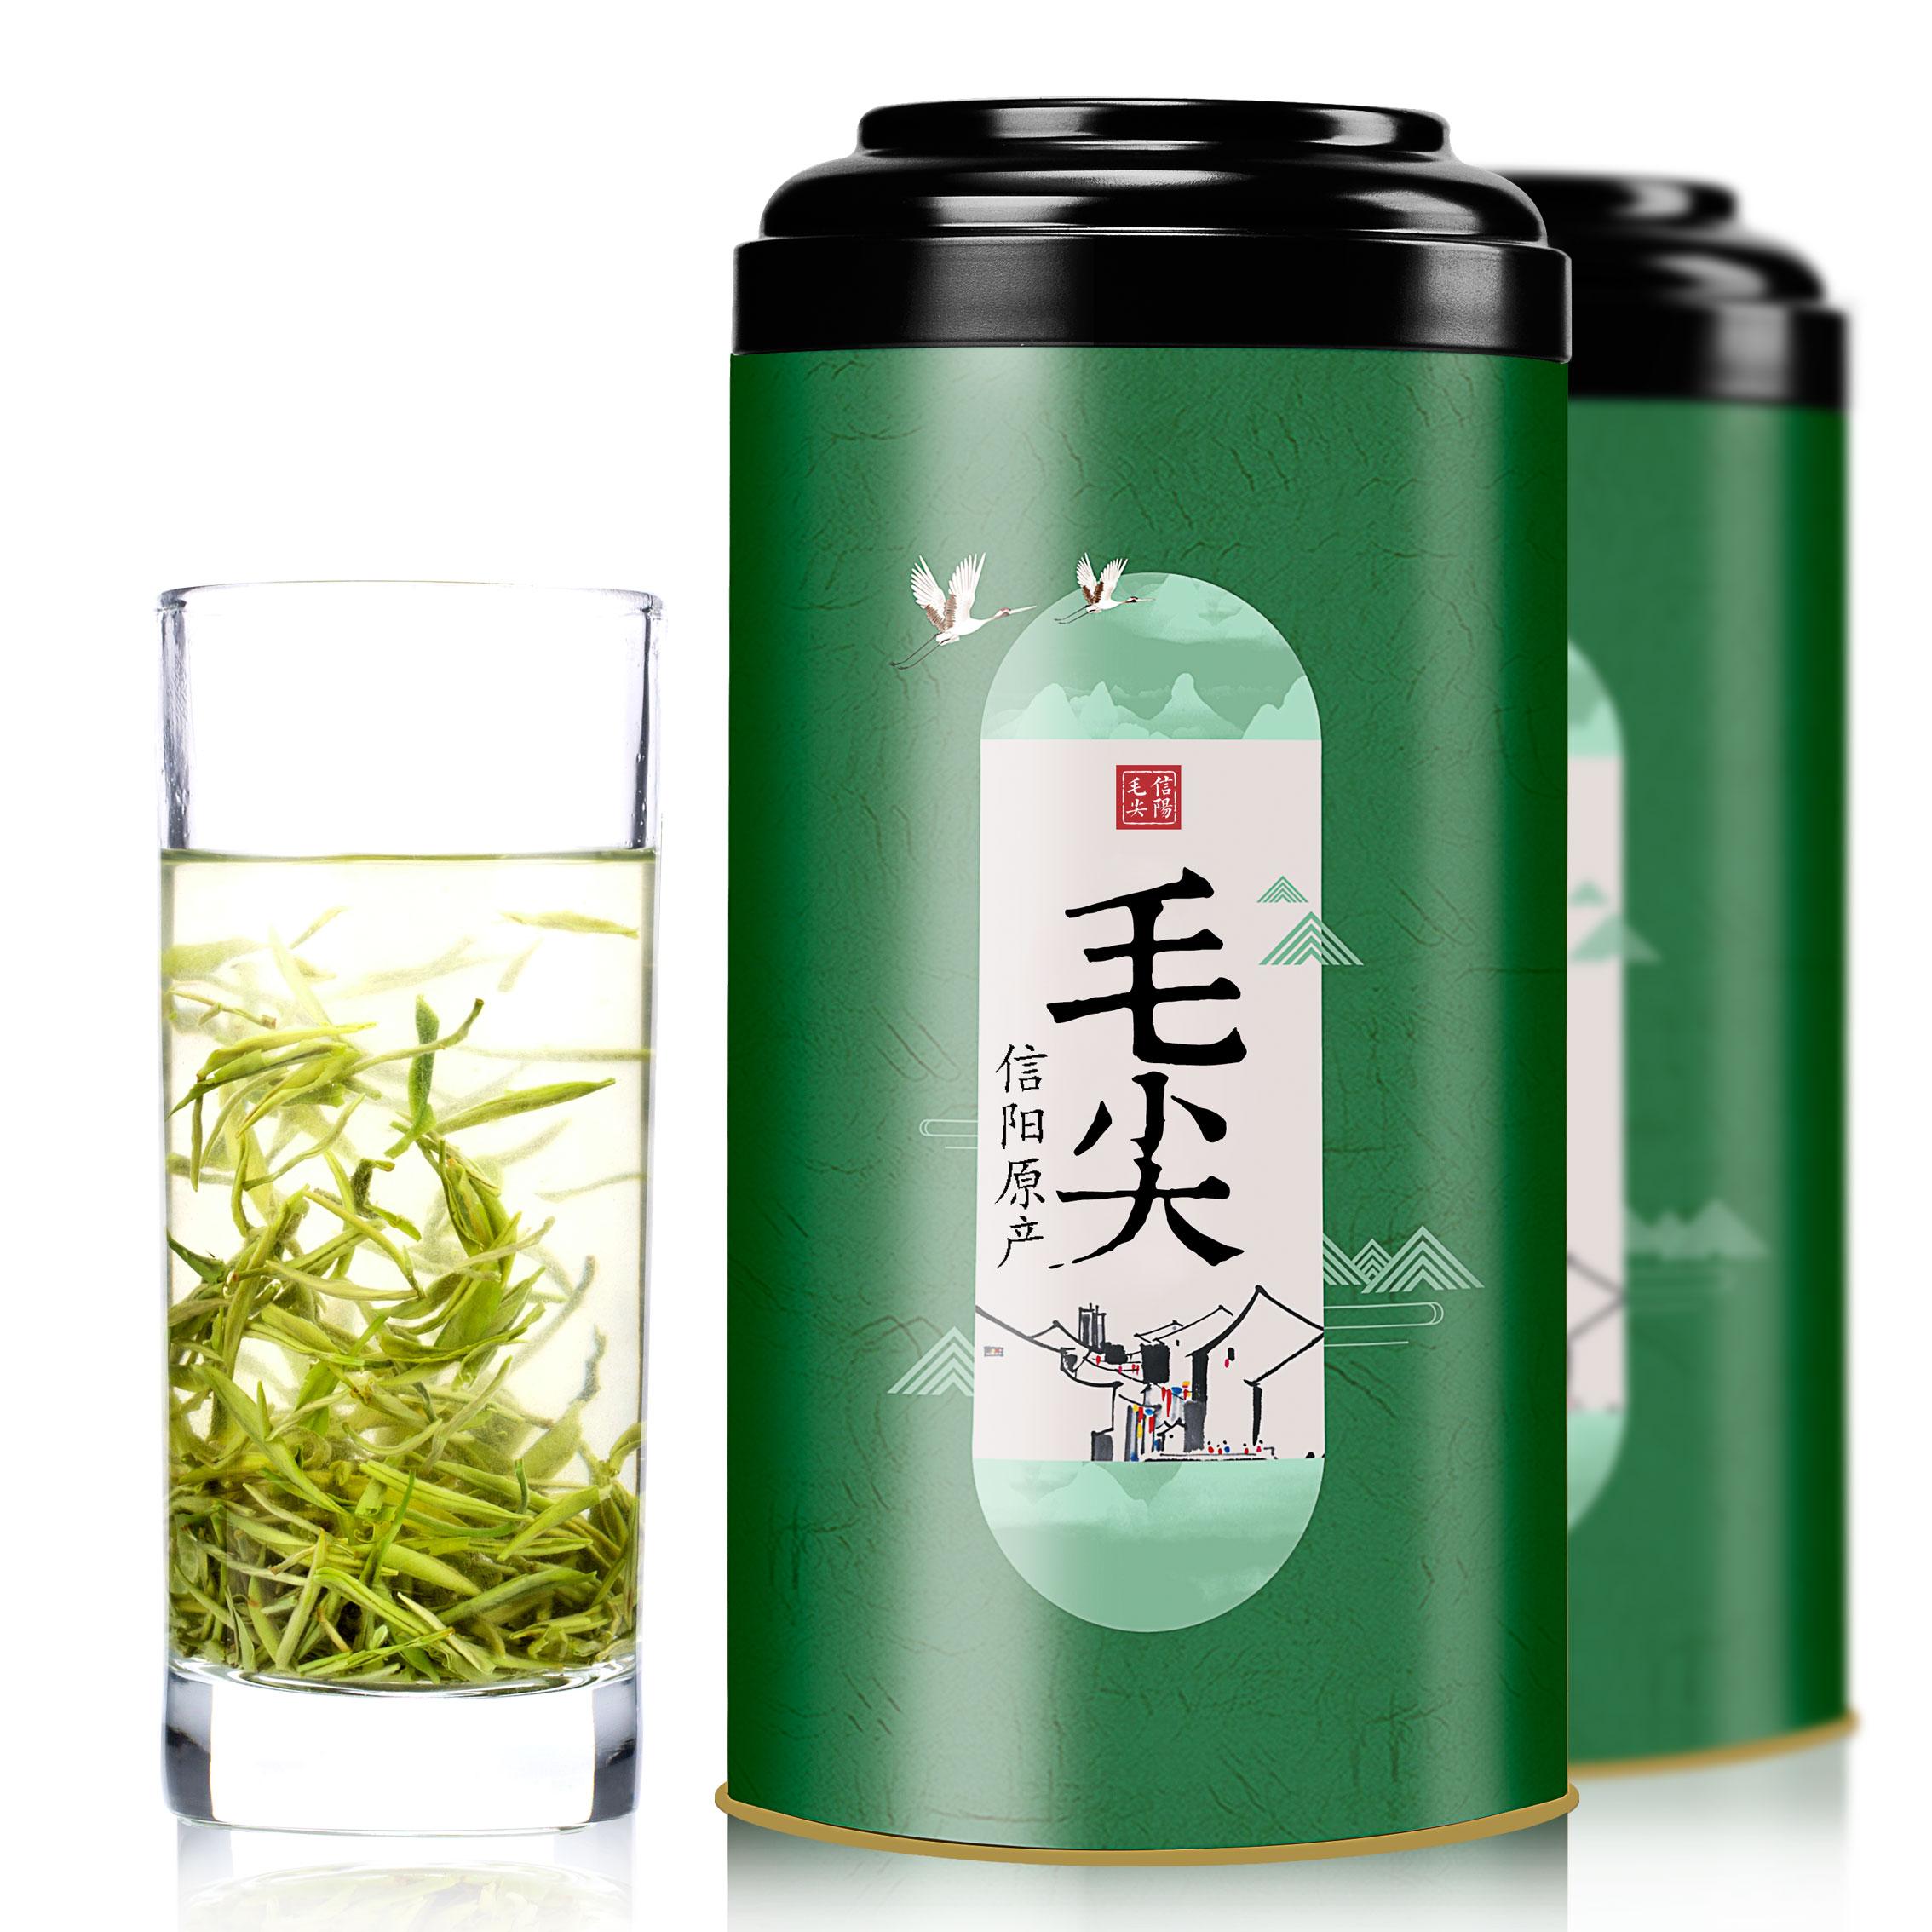 Северная любовь Xinyang Maojian Tea 2018 новый Чай Маоцзянский чай Зеленый чай Аутентичный Mingqian Spring Tea Sprout